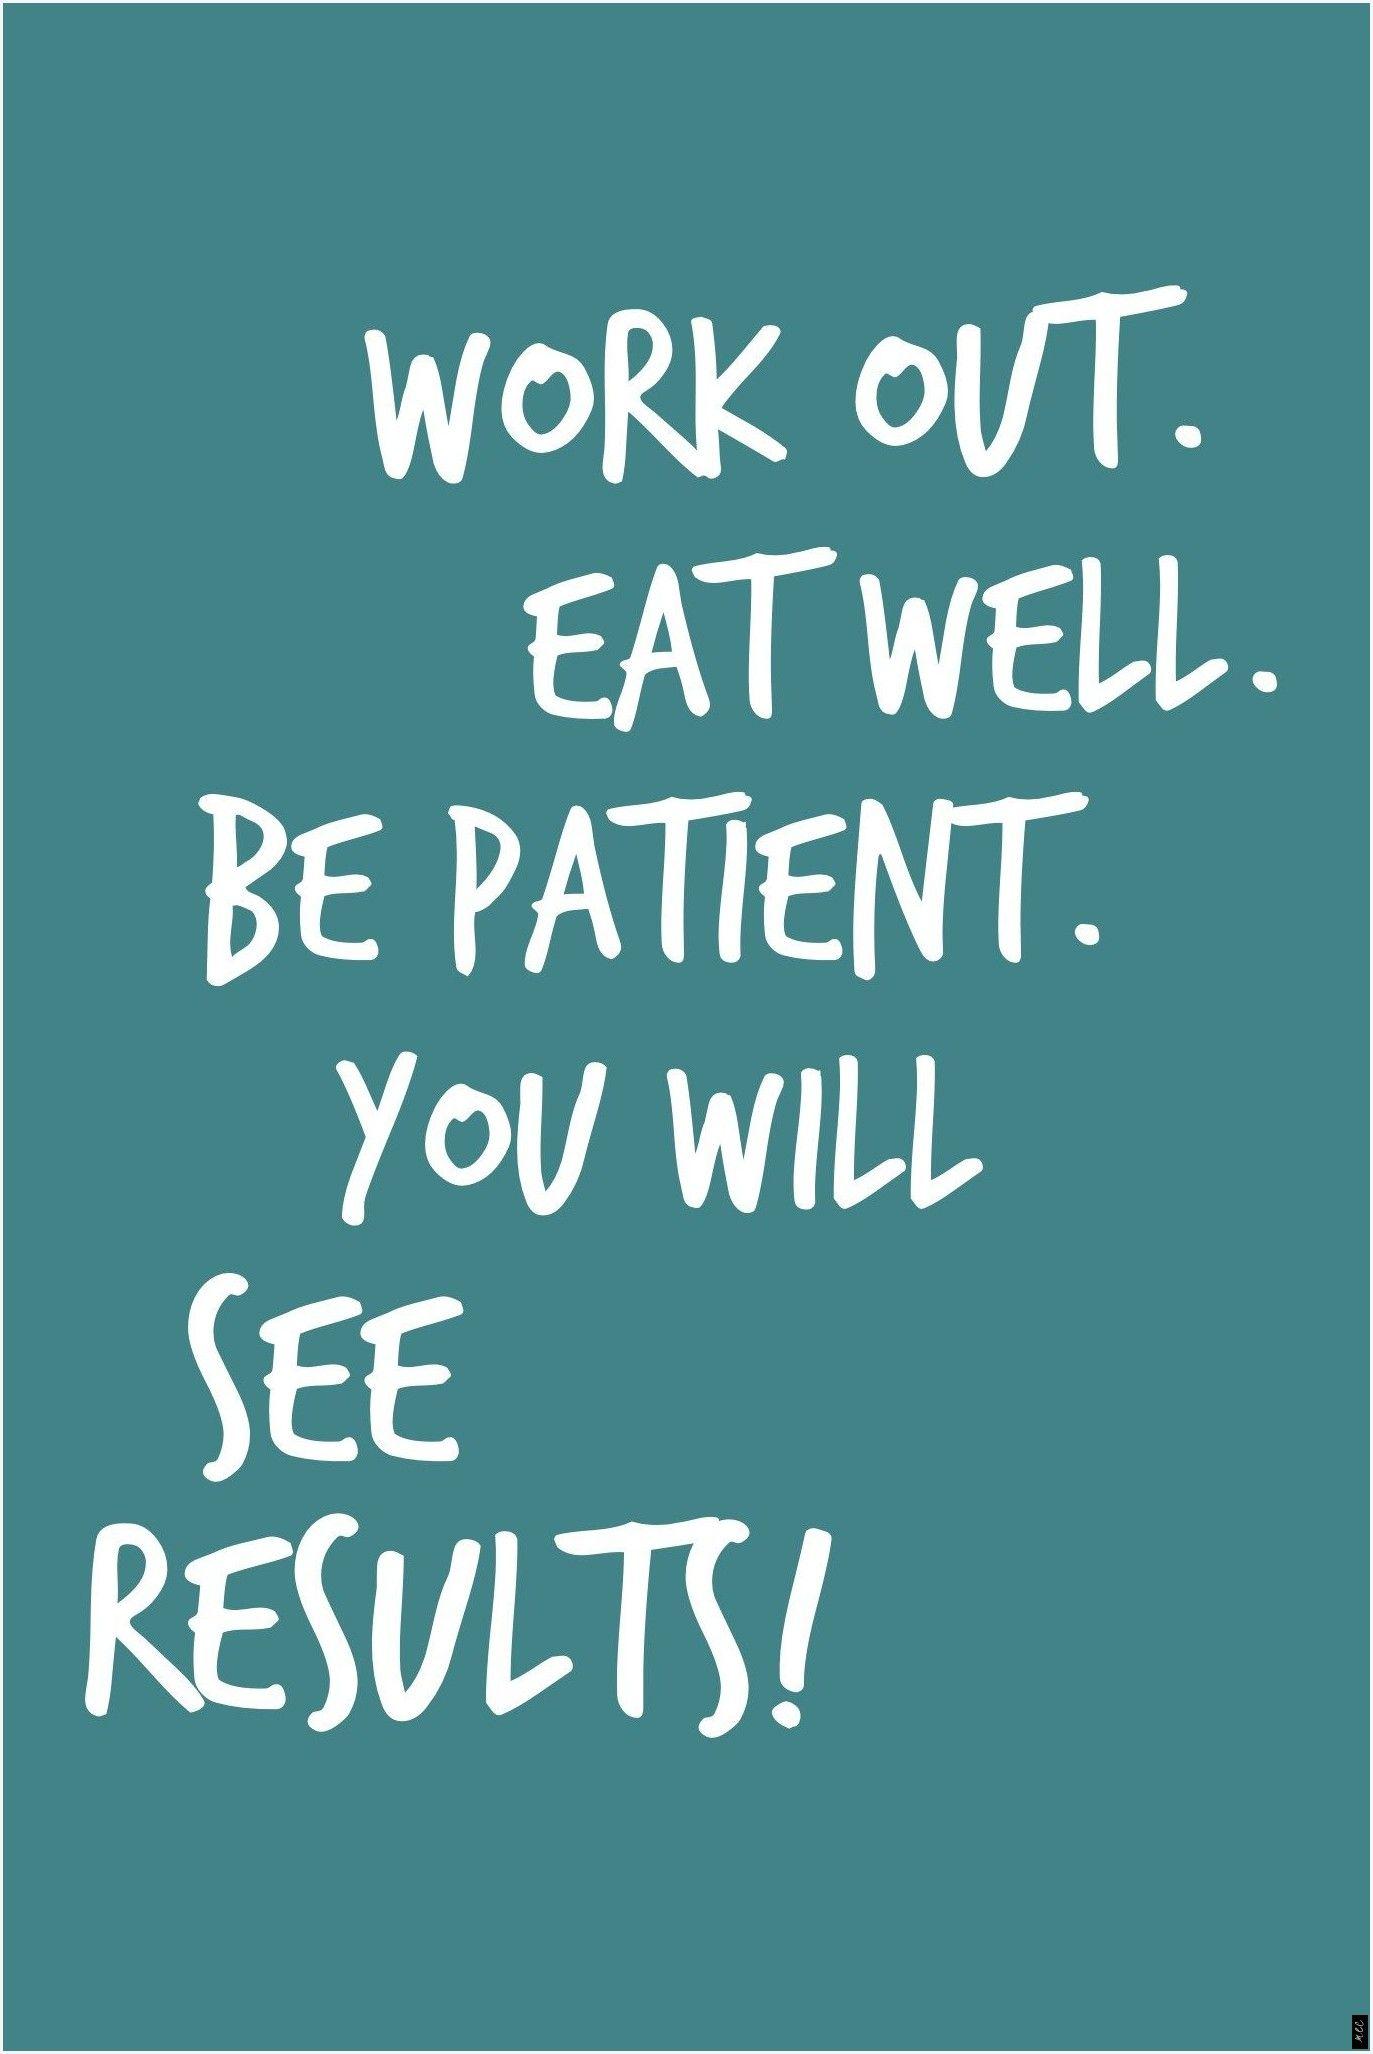 encourageant à perdre du poids